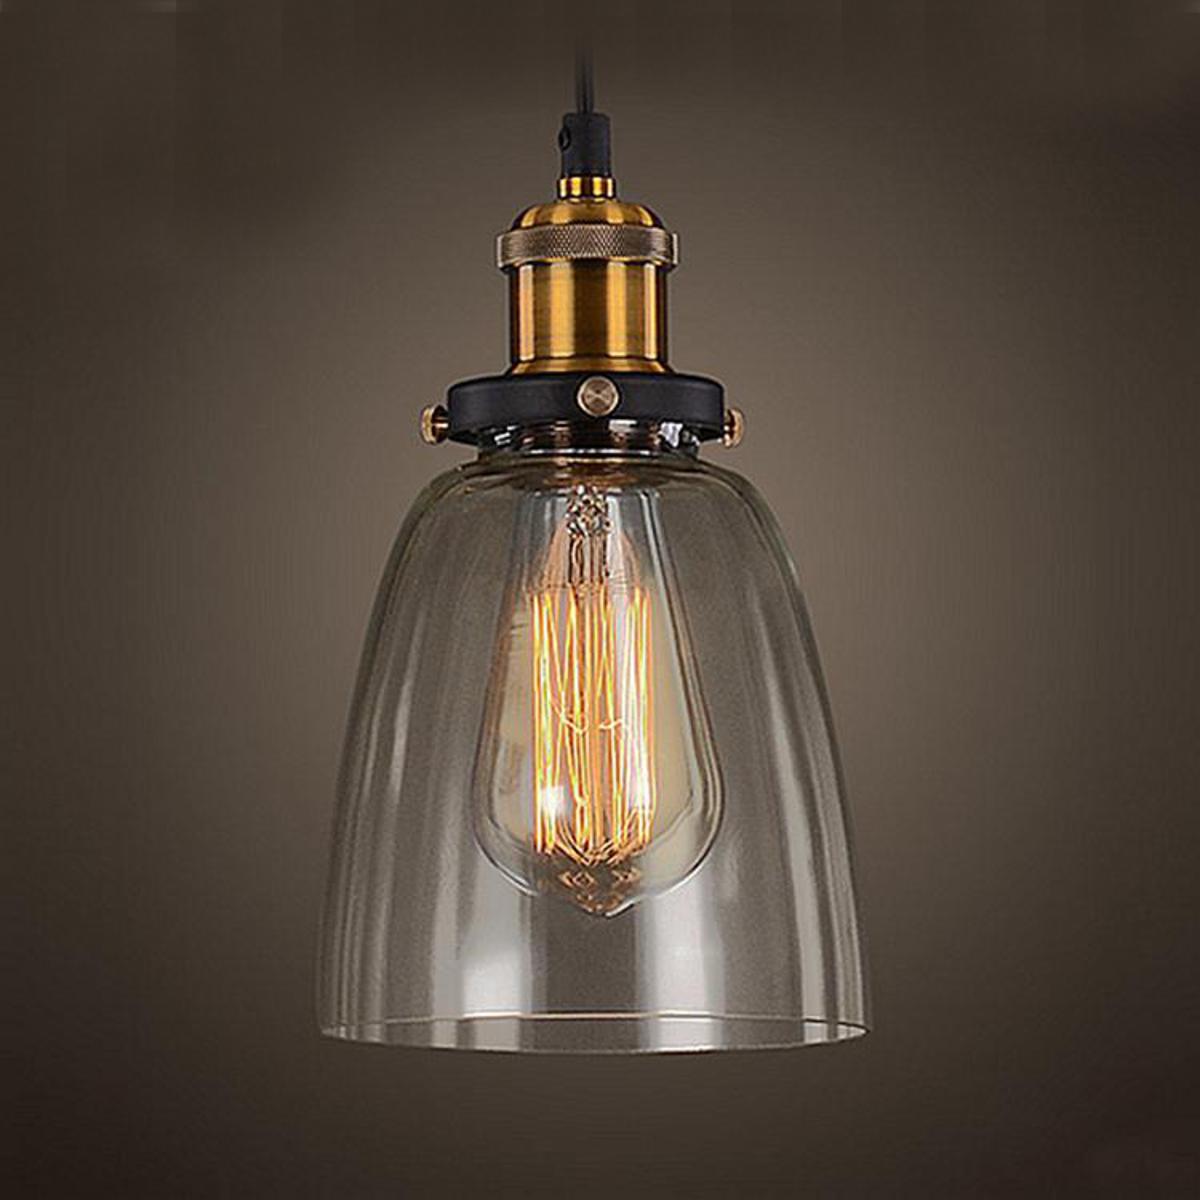 abat jour lustre lampe lumi re plafonnier suspendu sans ampoule. Black Bedroom Furniture Sets. Home Design Ideas